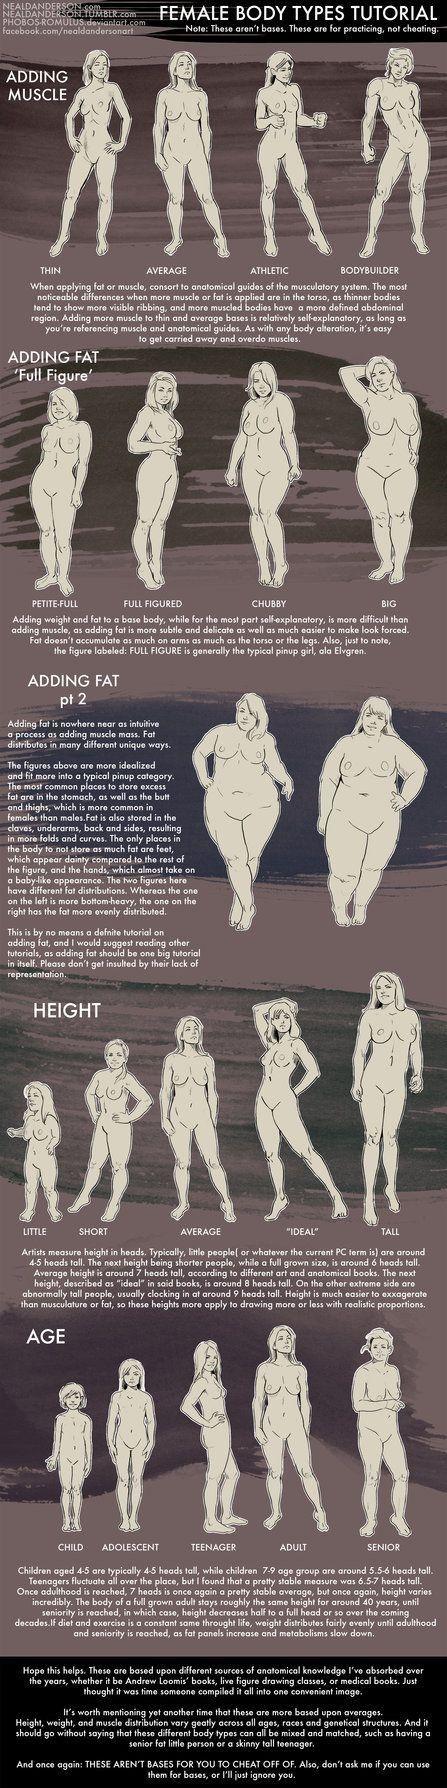 저도 그림을 그리고 있노라면 나쁜 버릇이 있는데 바로 몸 좋은 캐릭터만 그려대고 있다는 점 입니다. 당연...